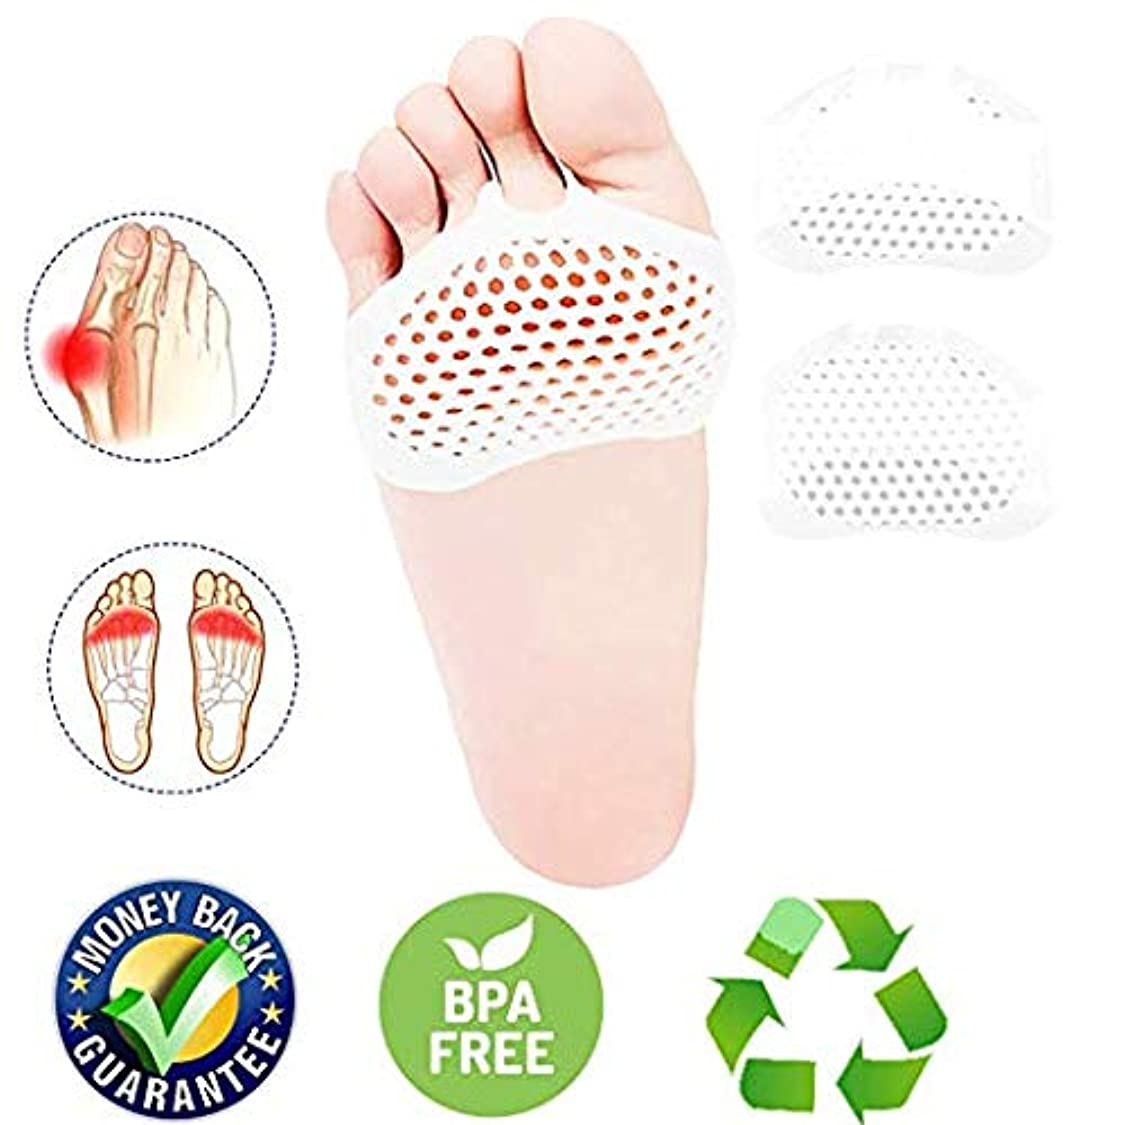 肥沃な深める追い付く中足骨パッドフットクッションのボール、つま先セパレーター、つま先セパレーターストレッチャー、ゲルゴムシリコーンsesamoiditisパッド、通気性のある足の痛みを緩和するクッションハンマーまっすぐな腱膜炎の痛みの足